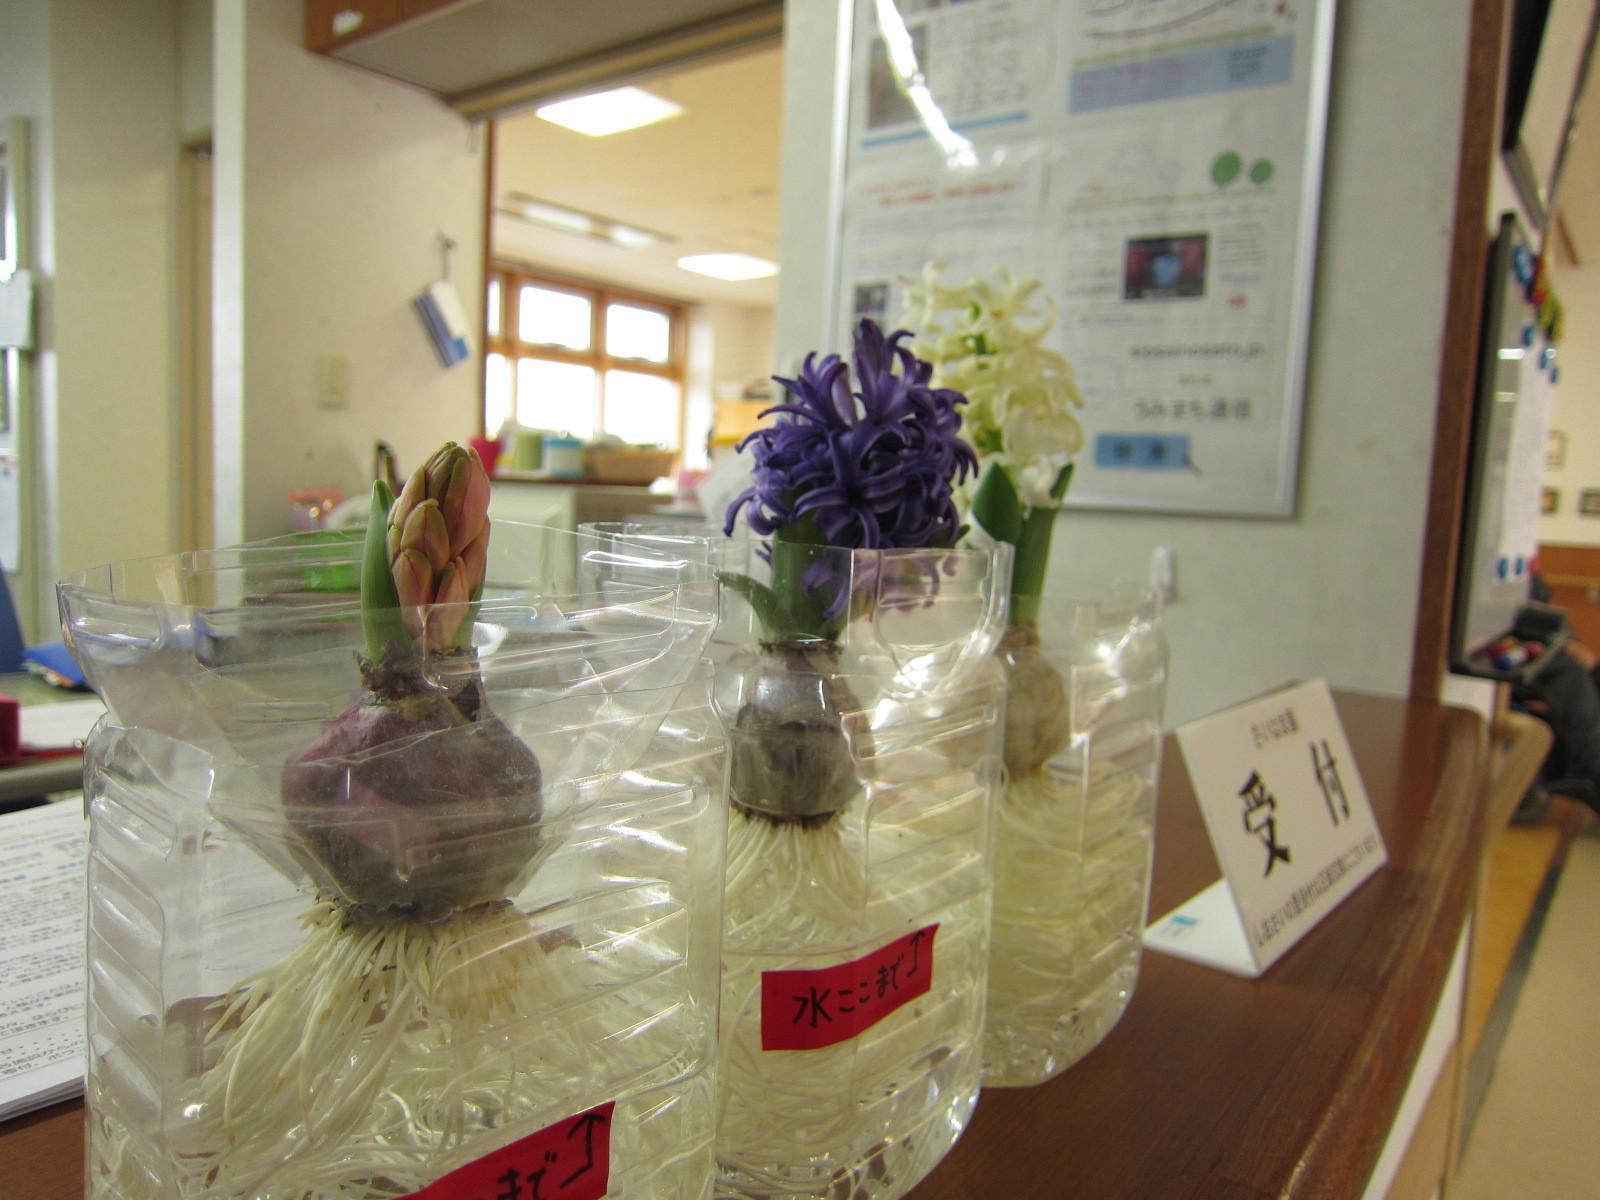 追伸。3か月前に植えたペットボトルの「ヒヤシンス」が咲き始めました